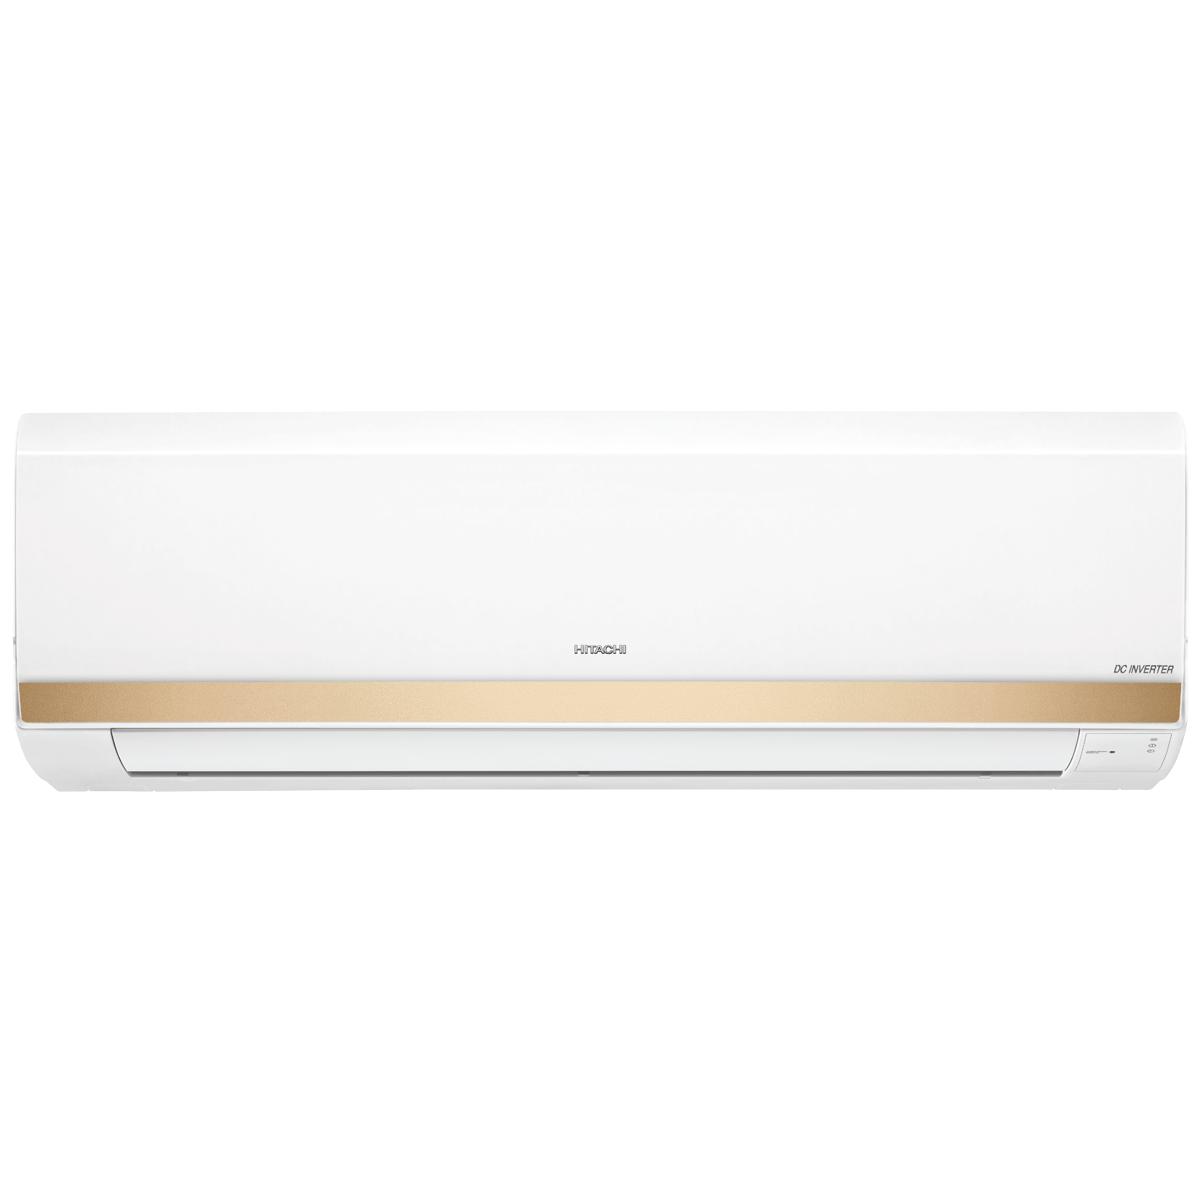 Hitachi Kashikoi 5100X 2 Ton 4 Star Inverter Split AC (Hot & Cold, Copper Condenser, RMOG422HDXA, White)_1